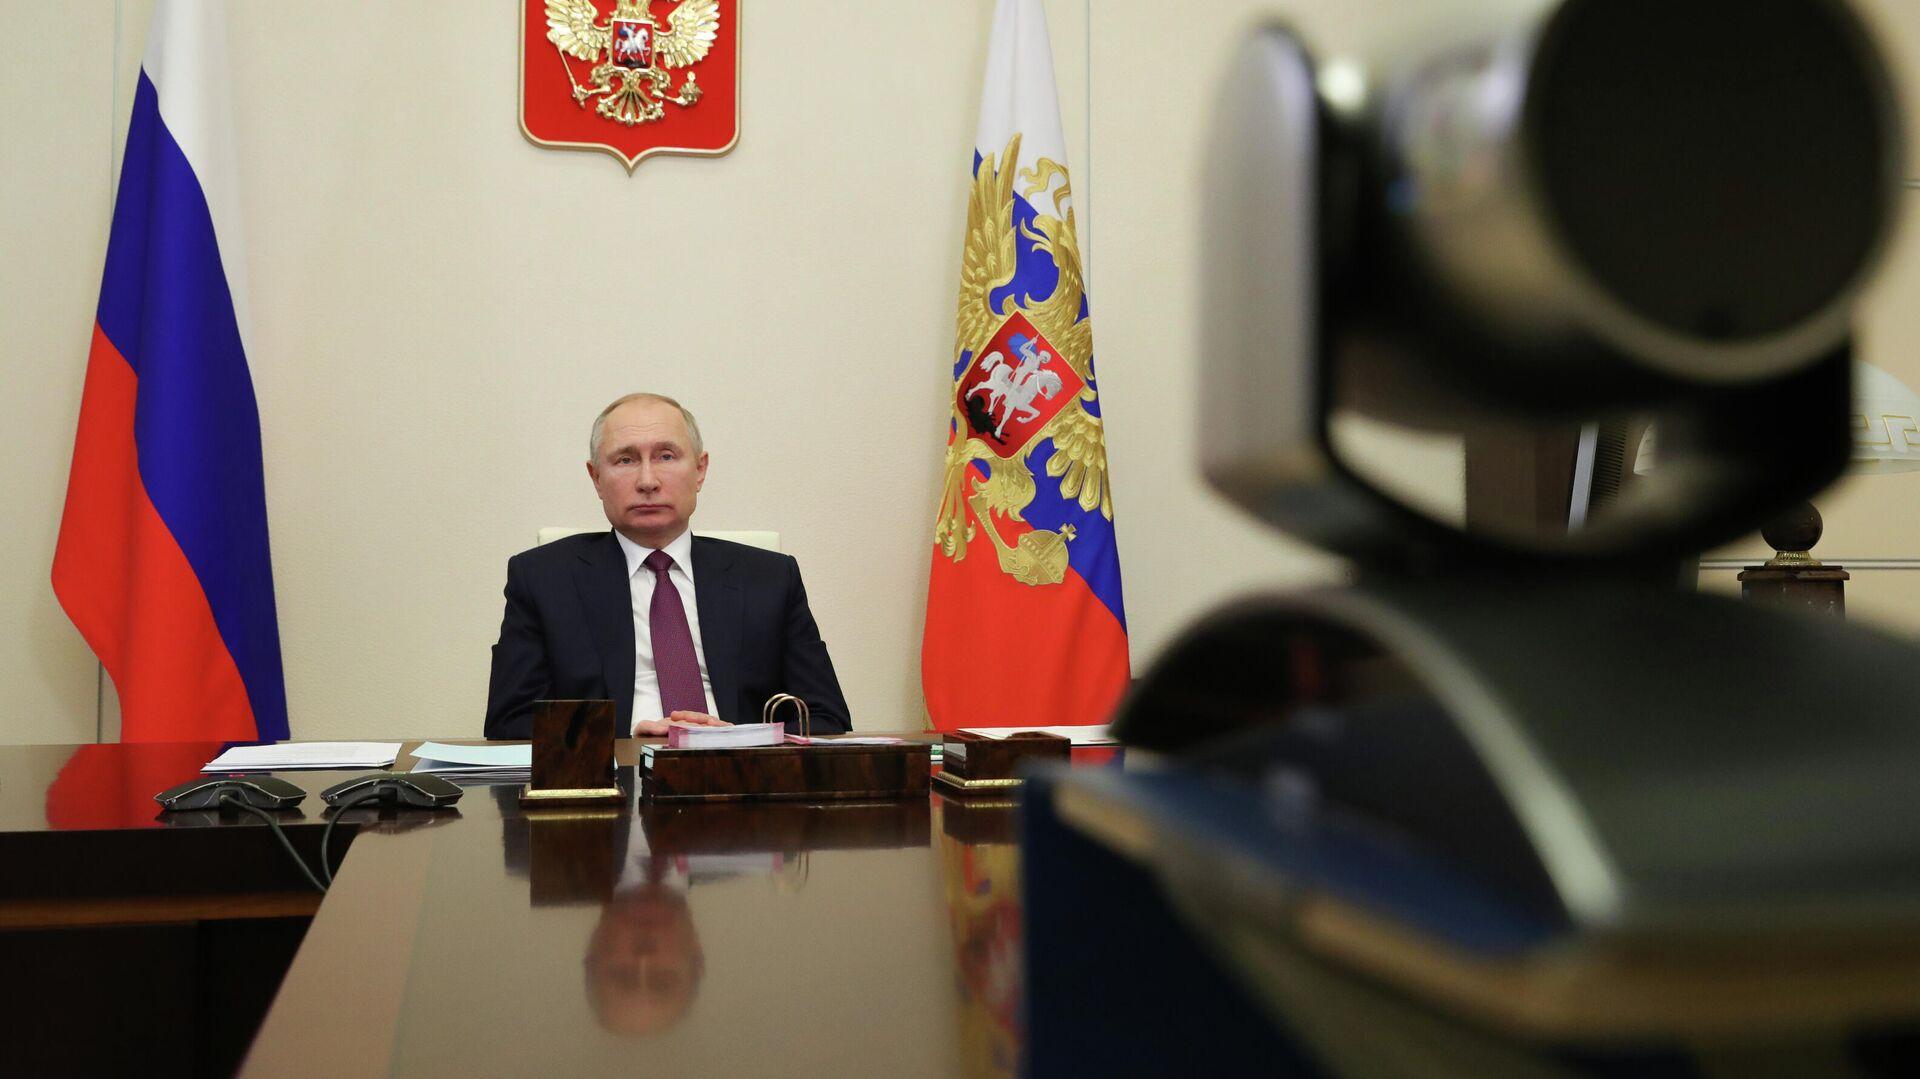 Президент РФ Владимир Путин провел совещание по вопросам социальной защиты населения - РИА Новости, 1920, 05.01.2021